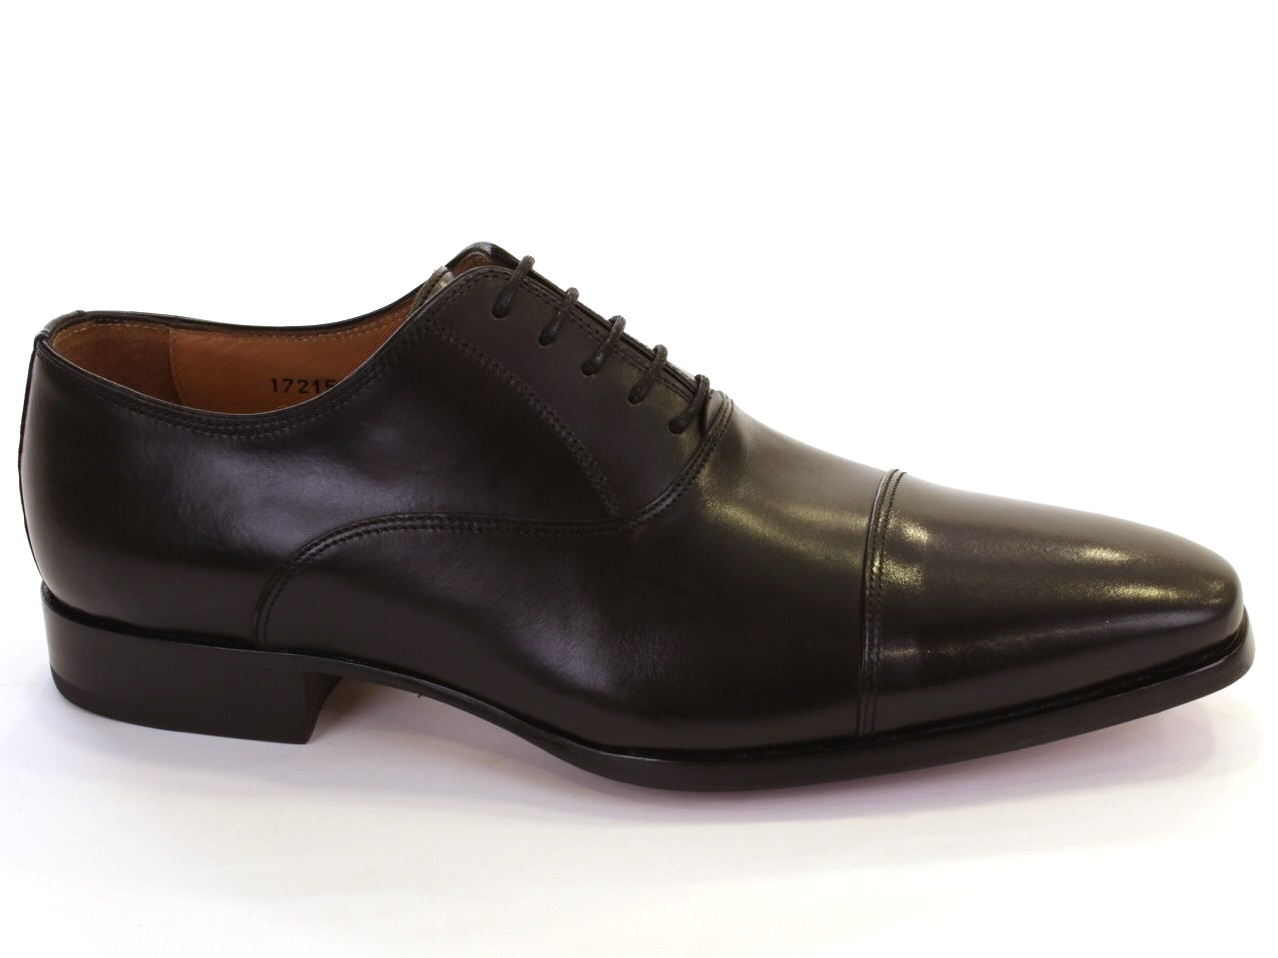 Lace Shoes Armando Silva - 405 17215